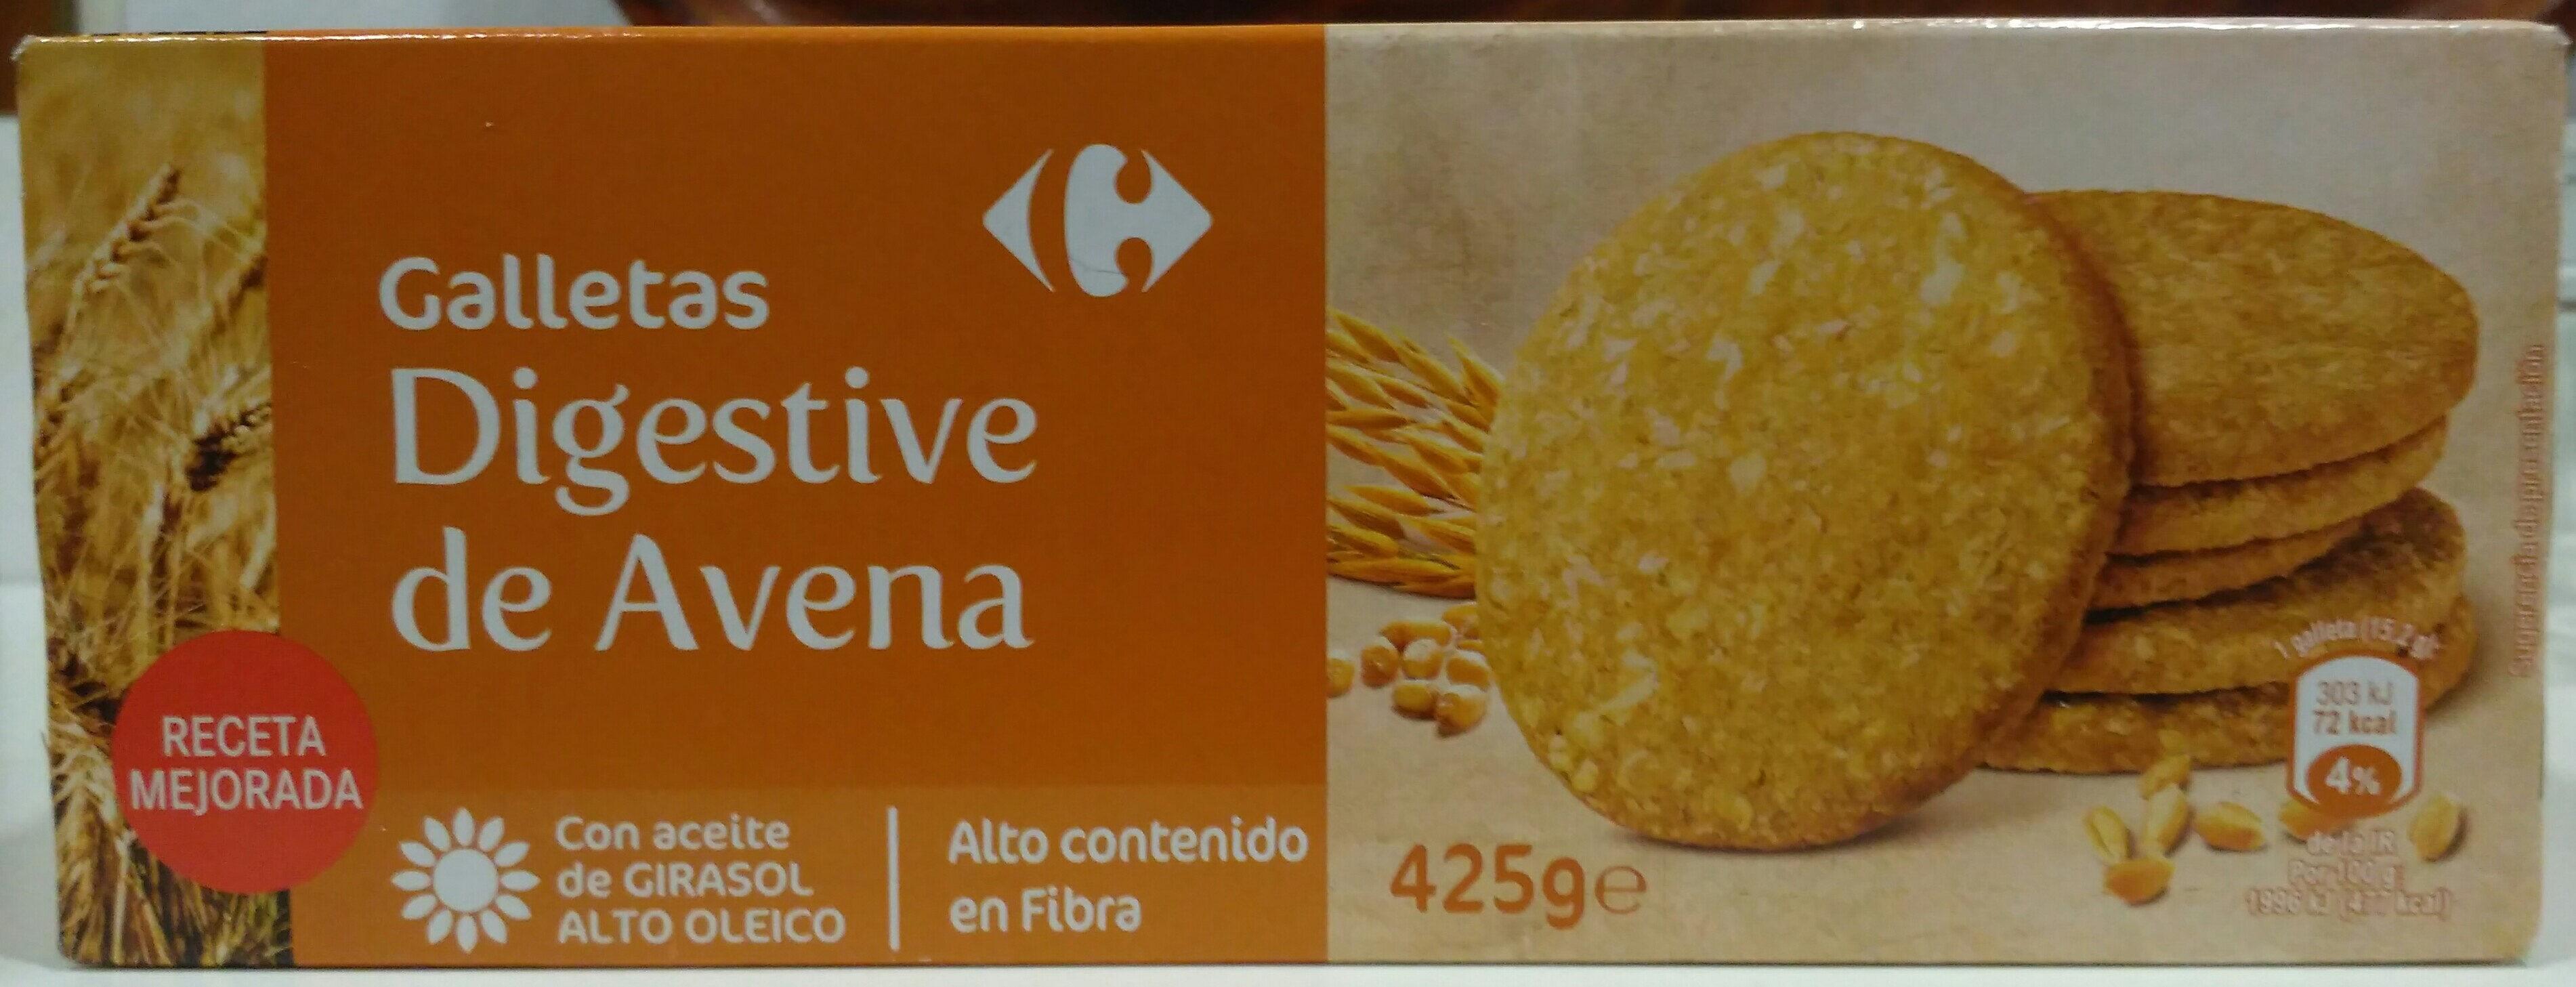 Galletas digestivo de avena - Product - es